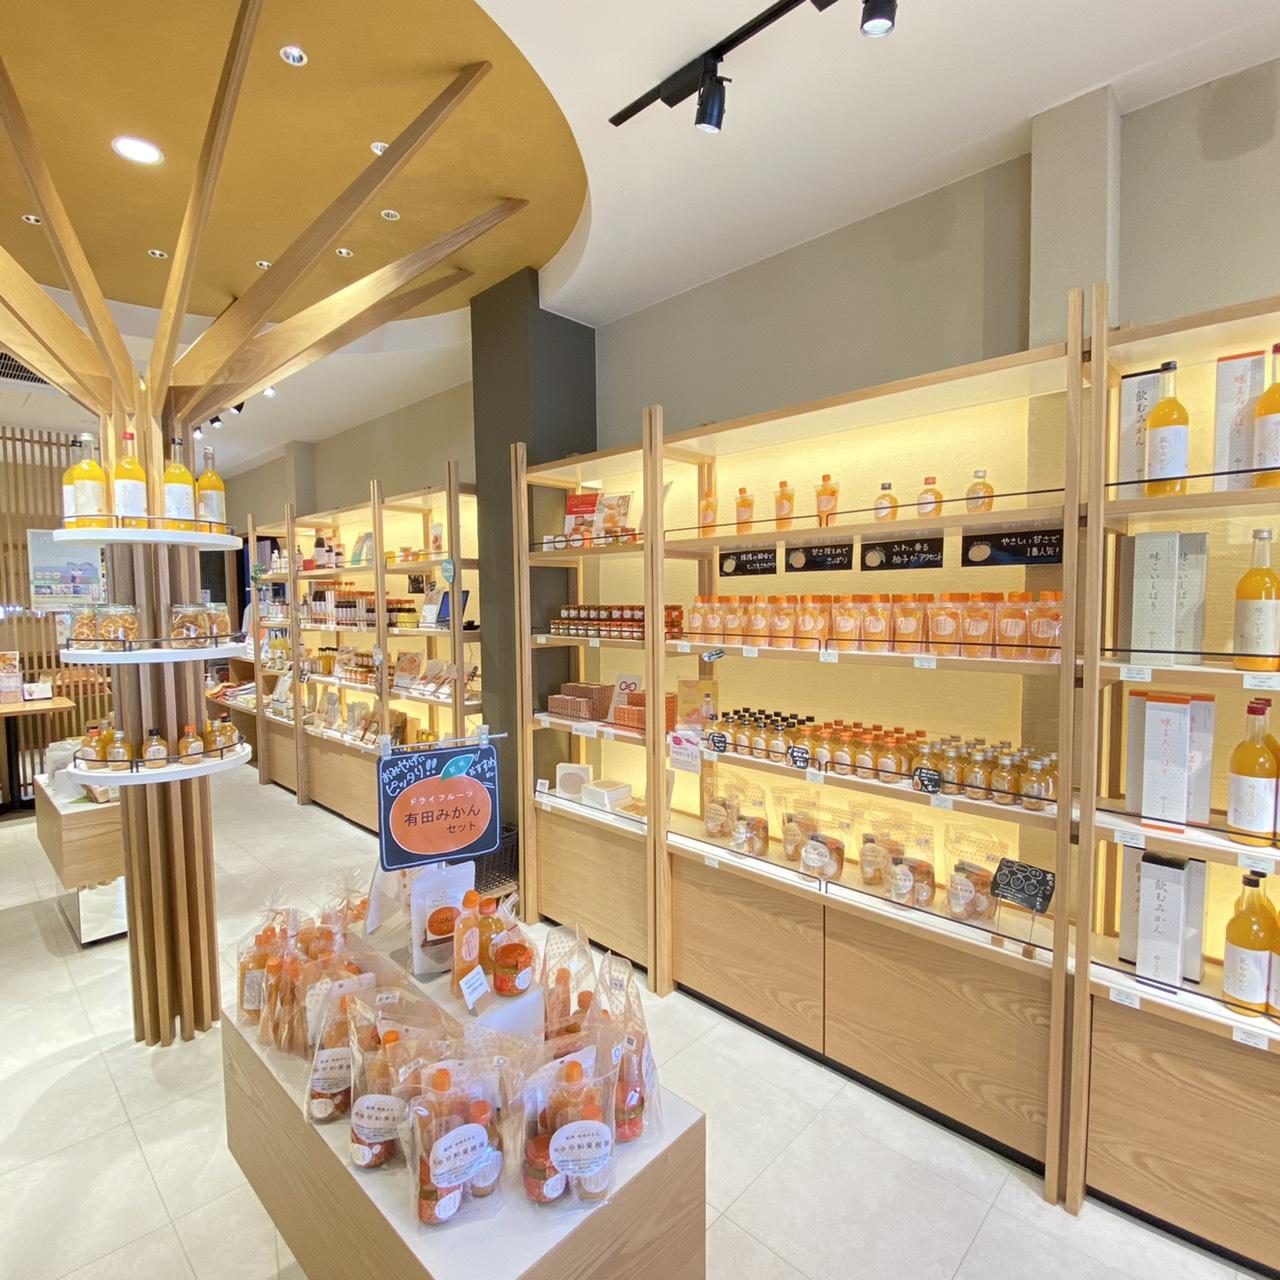 和歌山の有田みかんで作った早和果樹園の商品が全てそろう早和果樹園本社店の店内